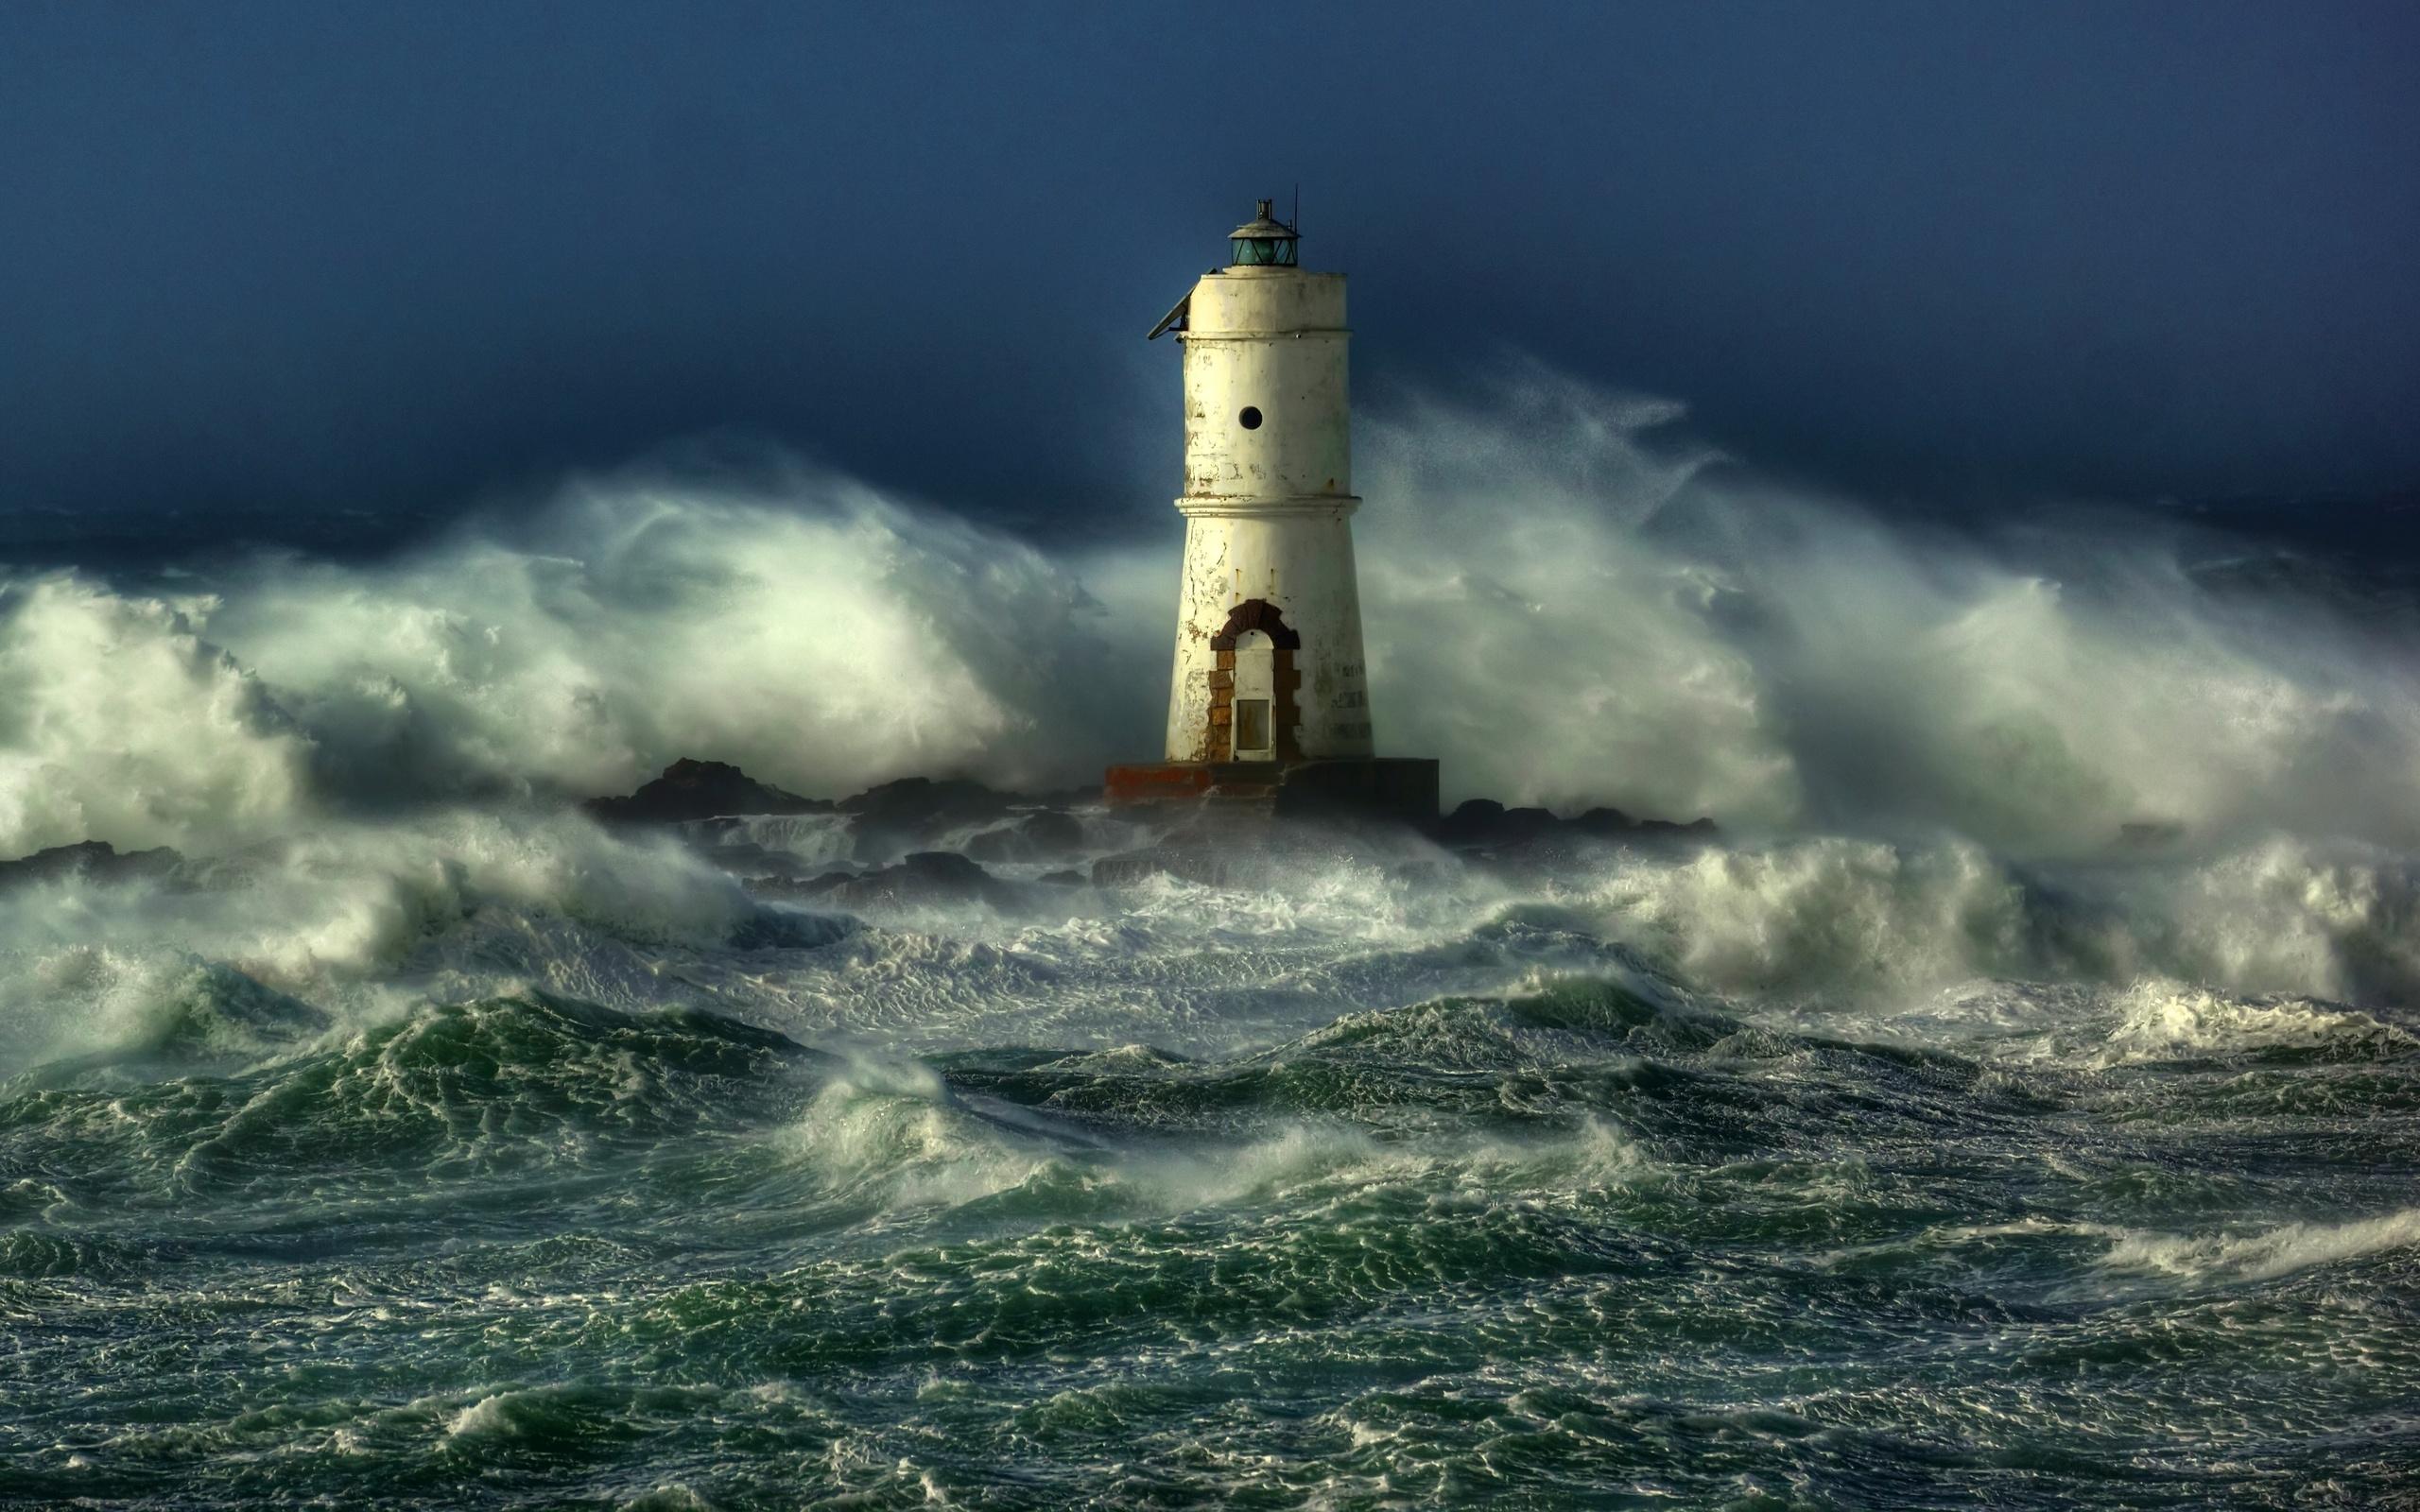 lighthouse wallpaper desktop - photo #39